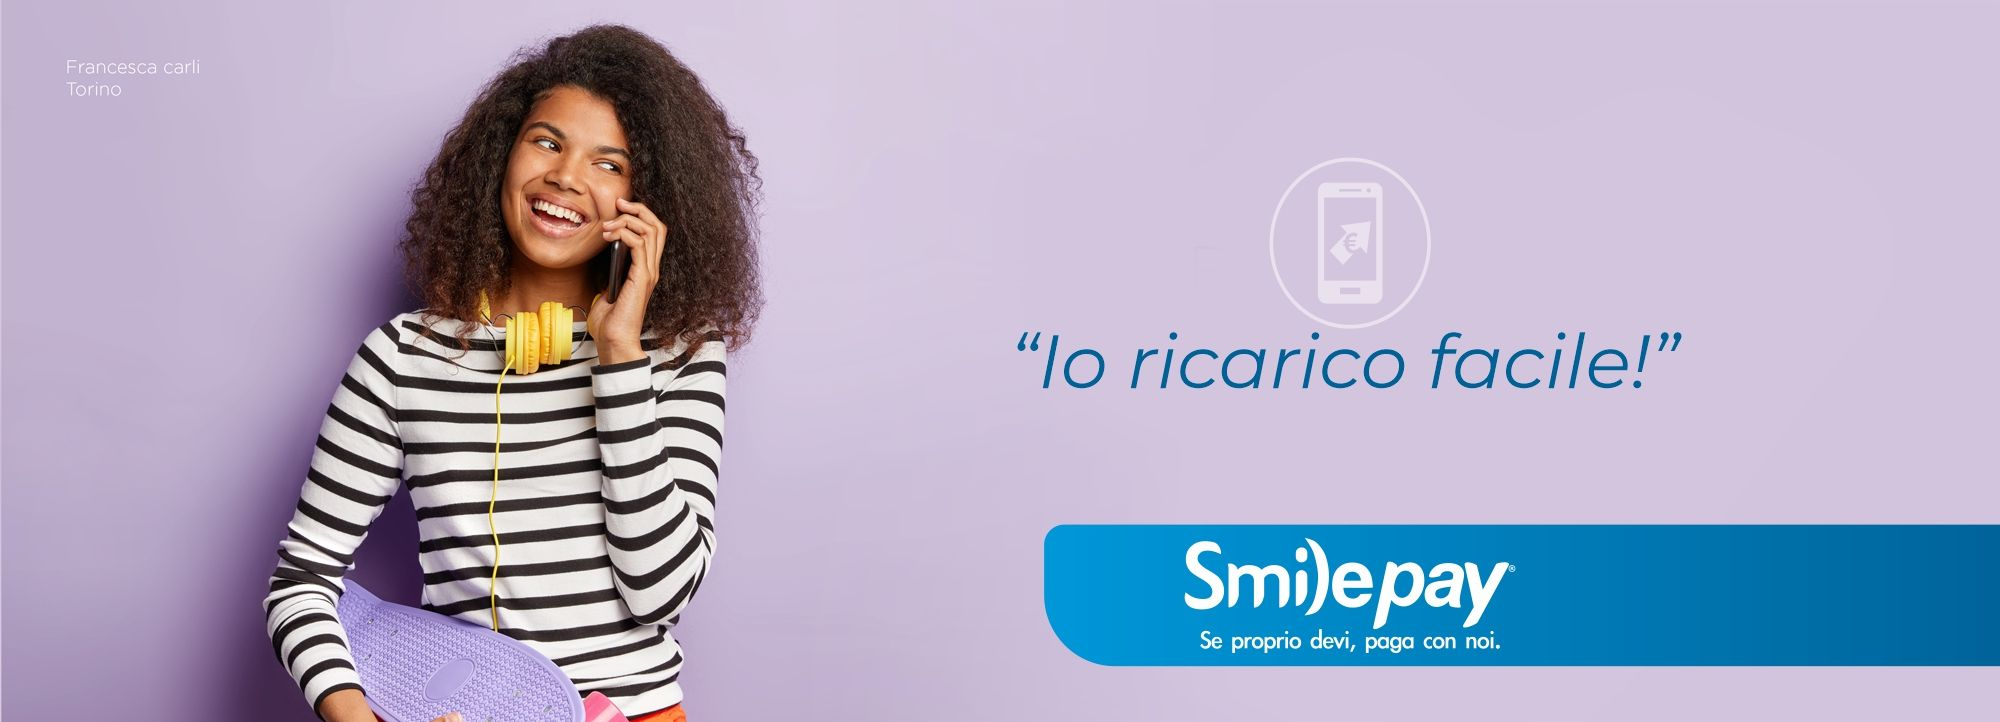 smilepay-banner-04